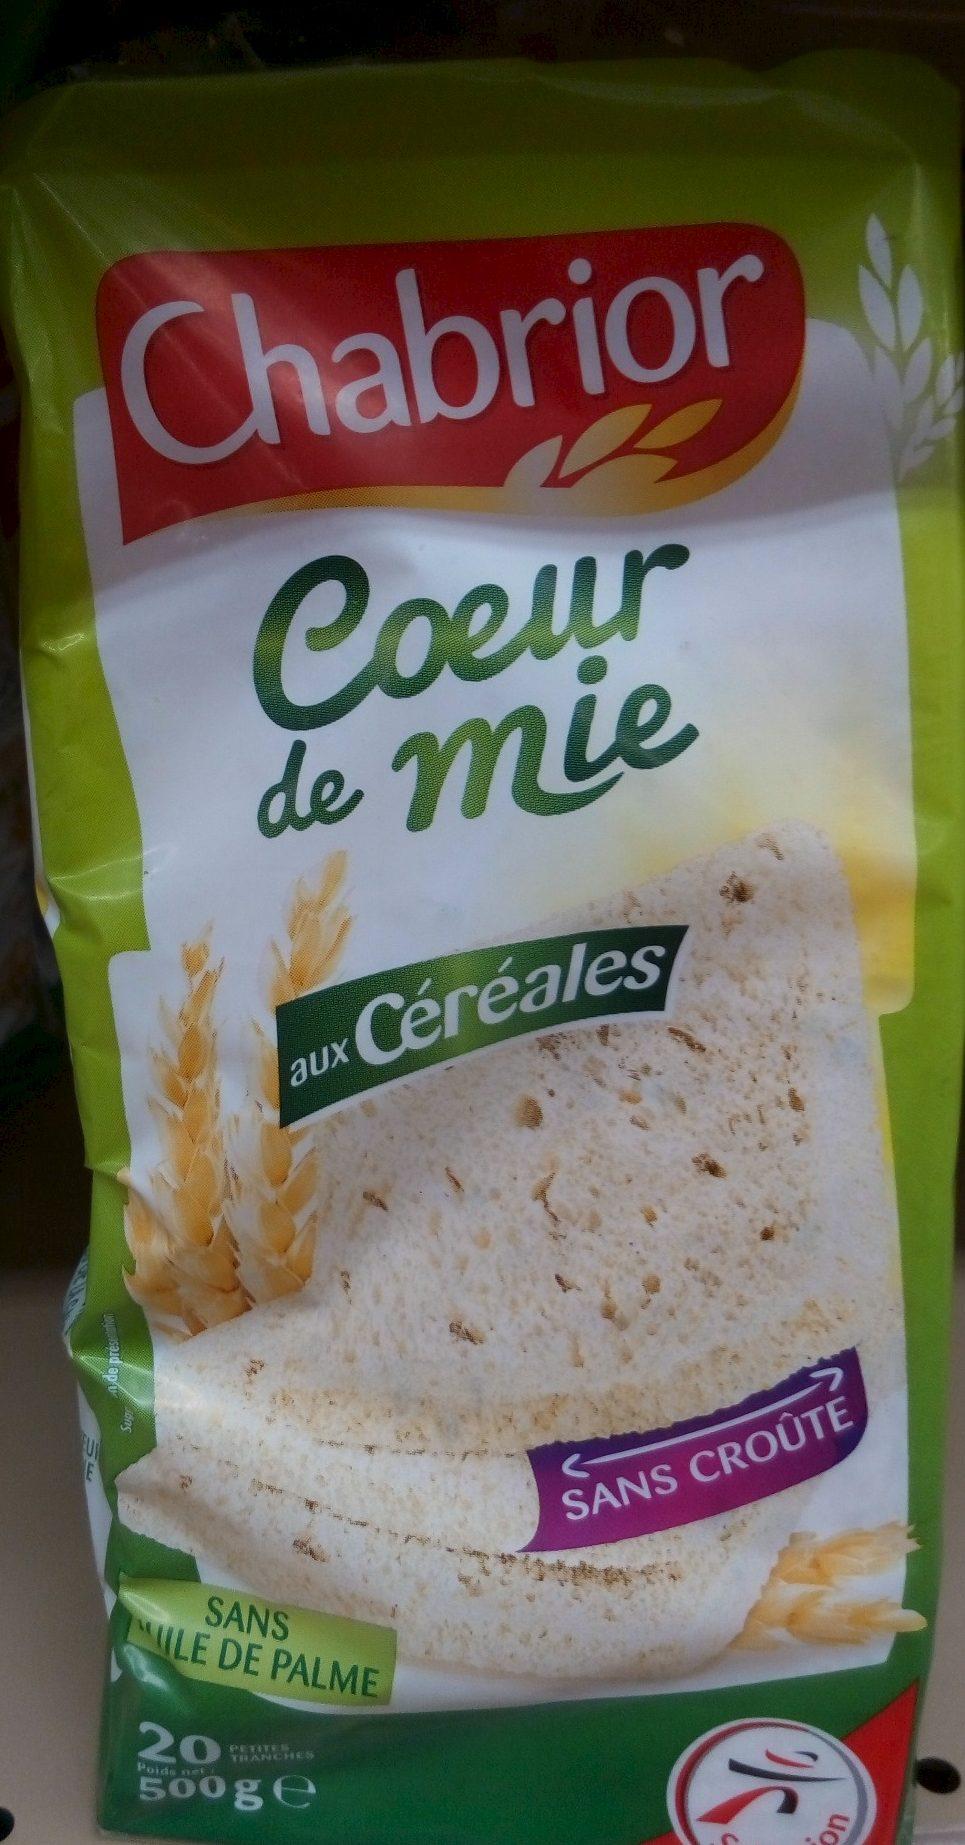 Coeur de mie aux céréales - Product